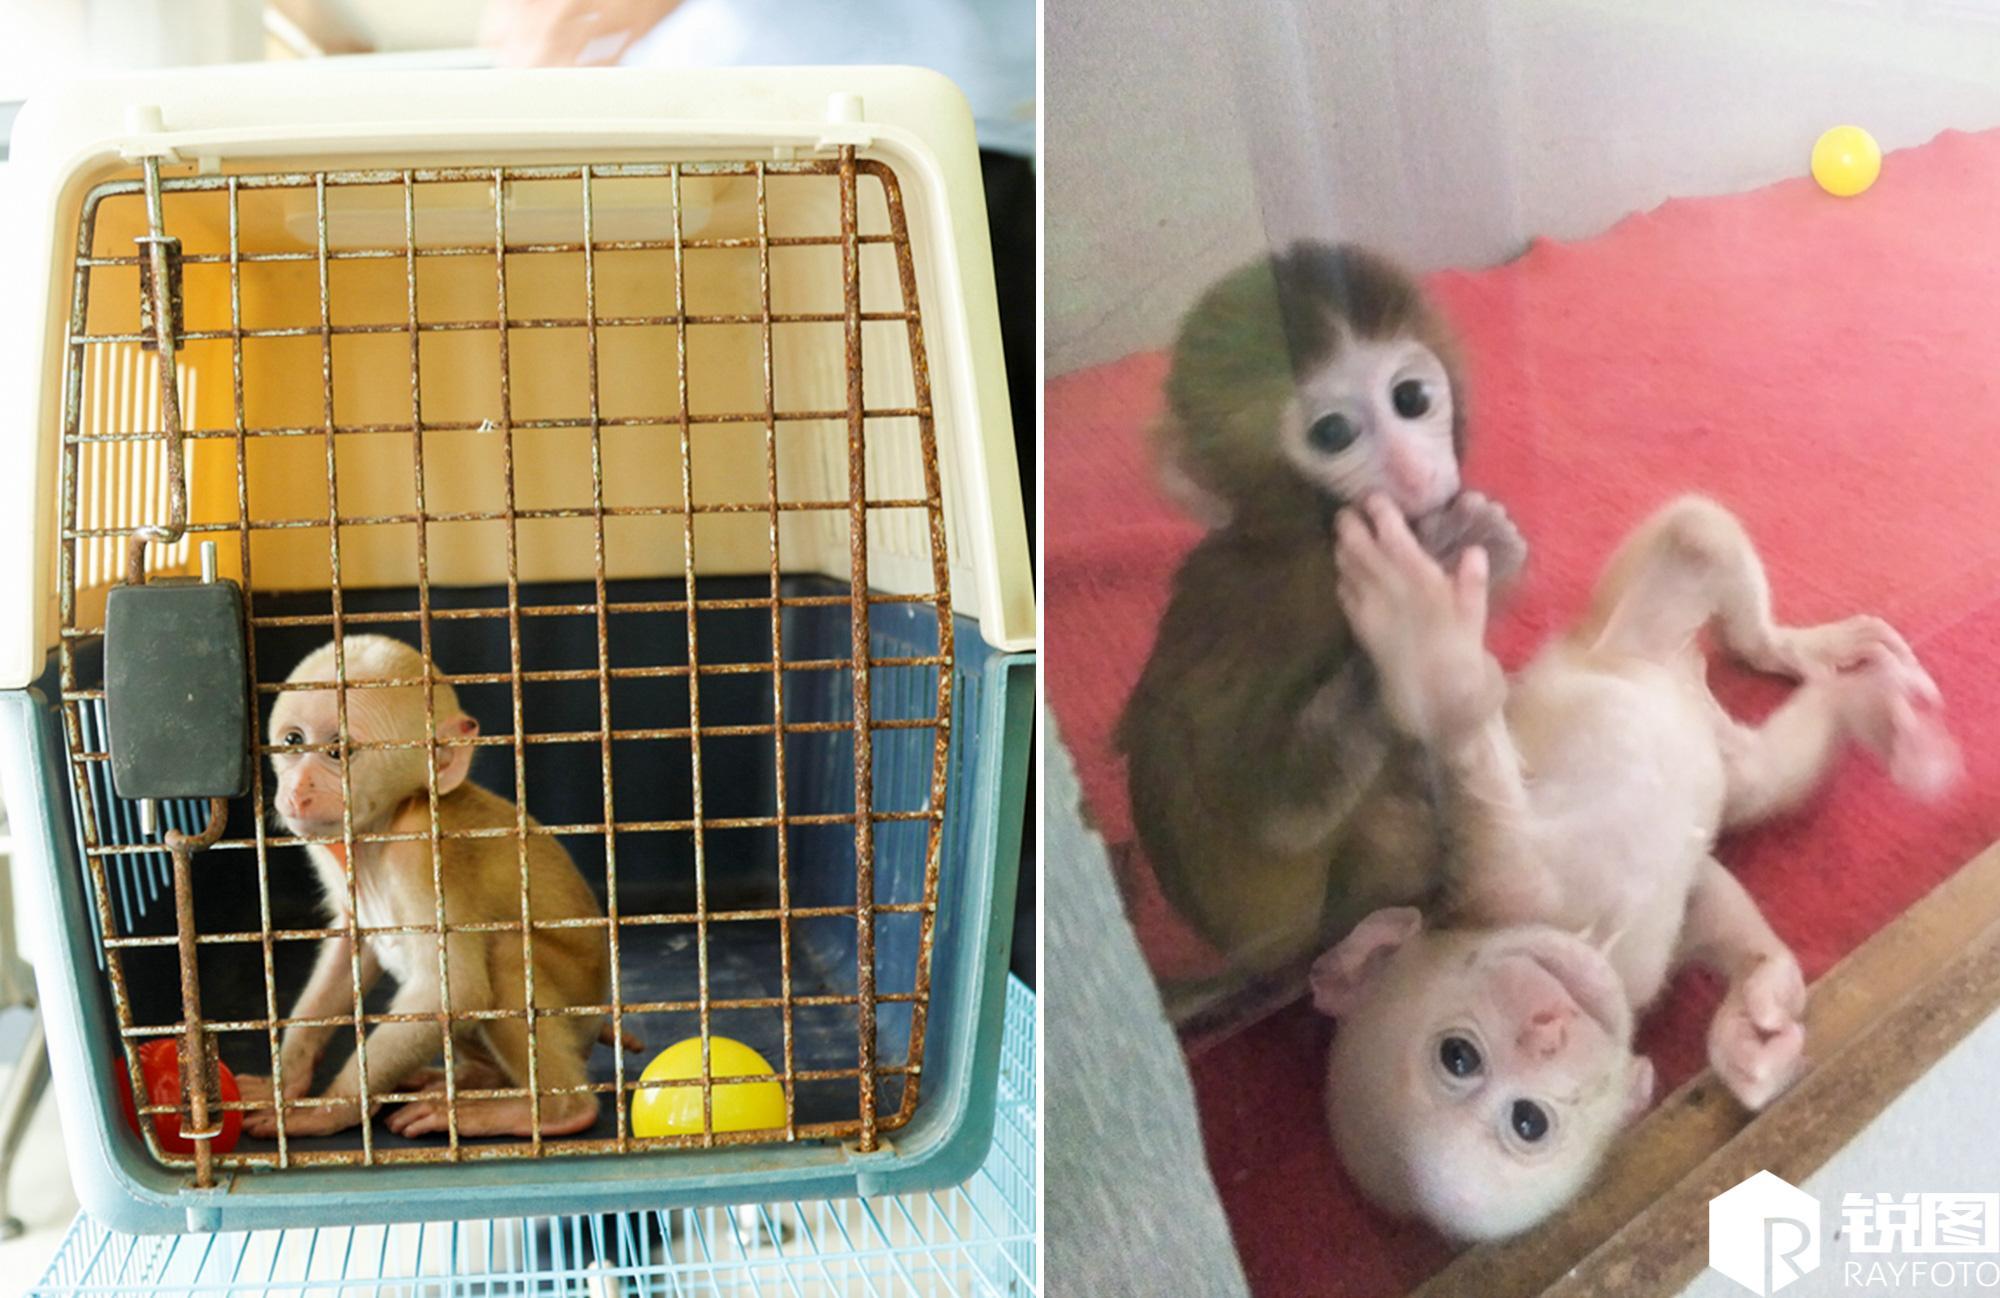 市森林公安局又将小猴子送到了杭州野生动物世界,如今小猴子跟动物园